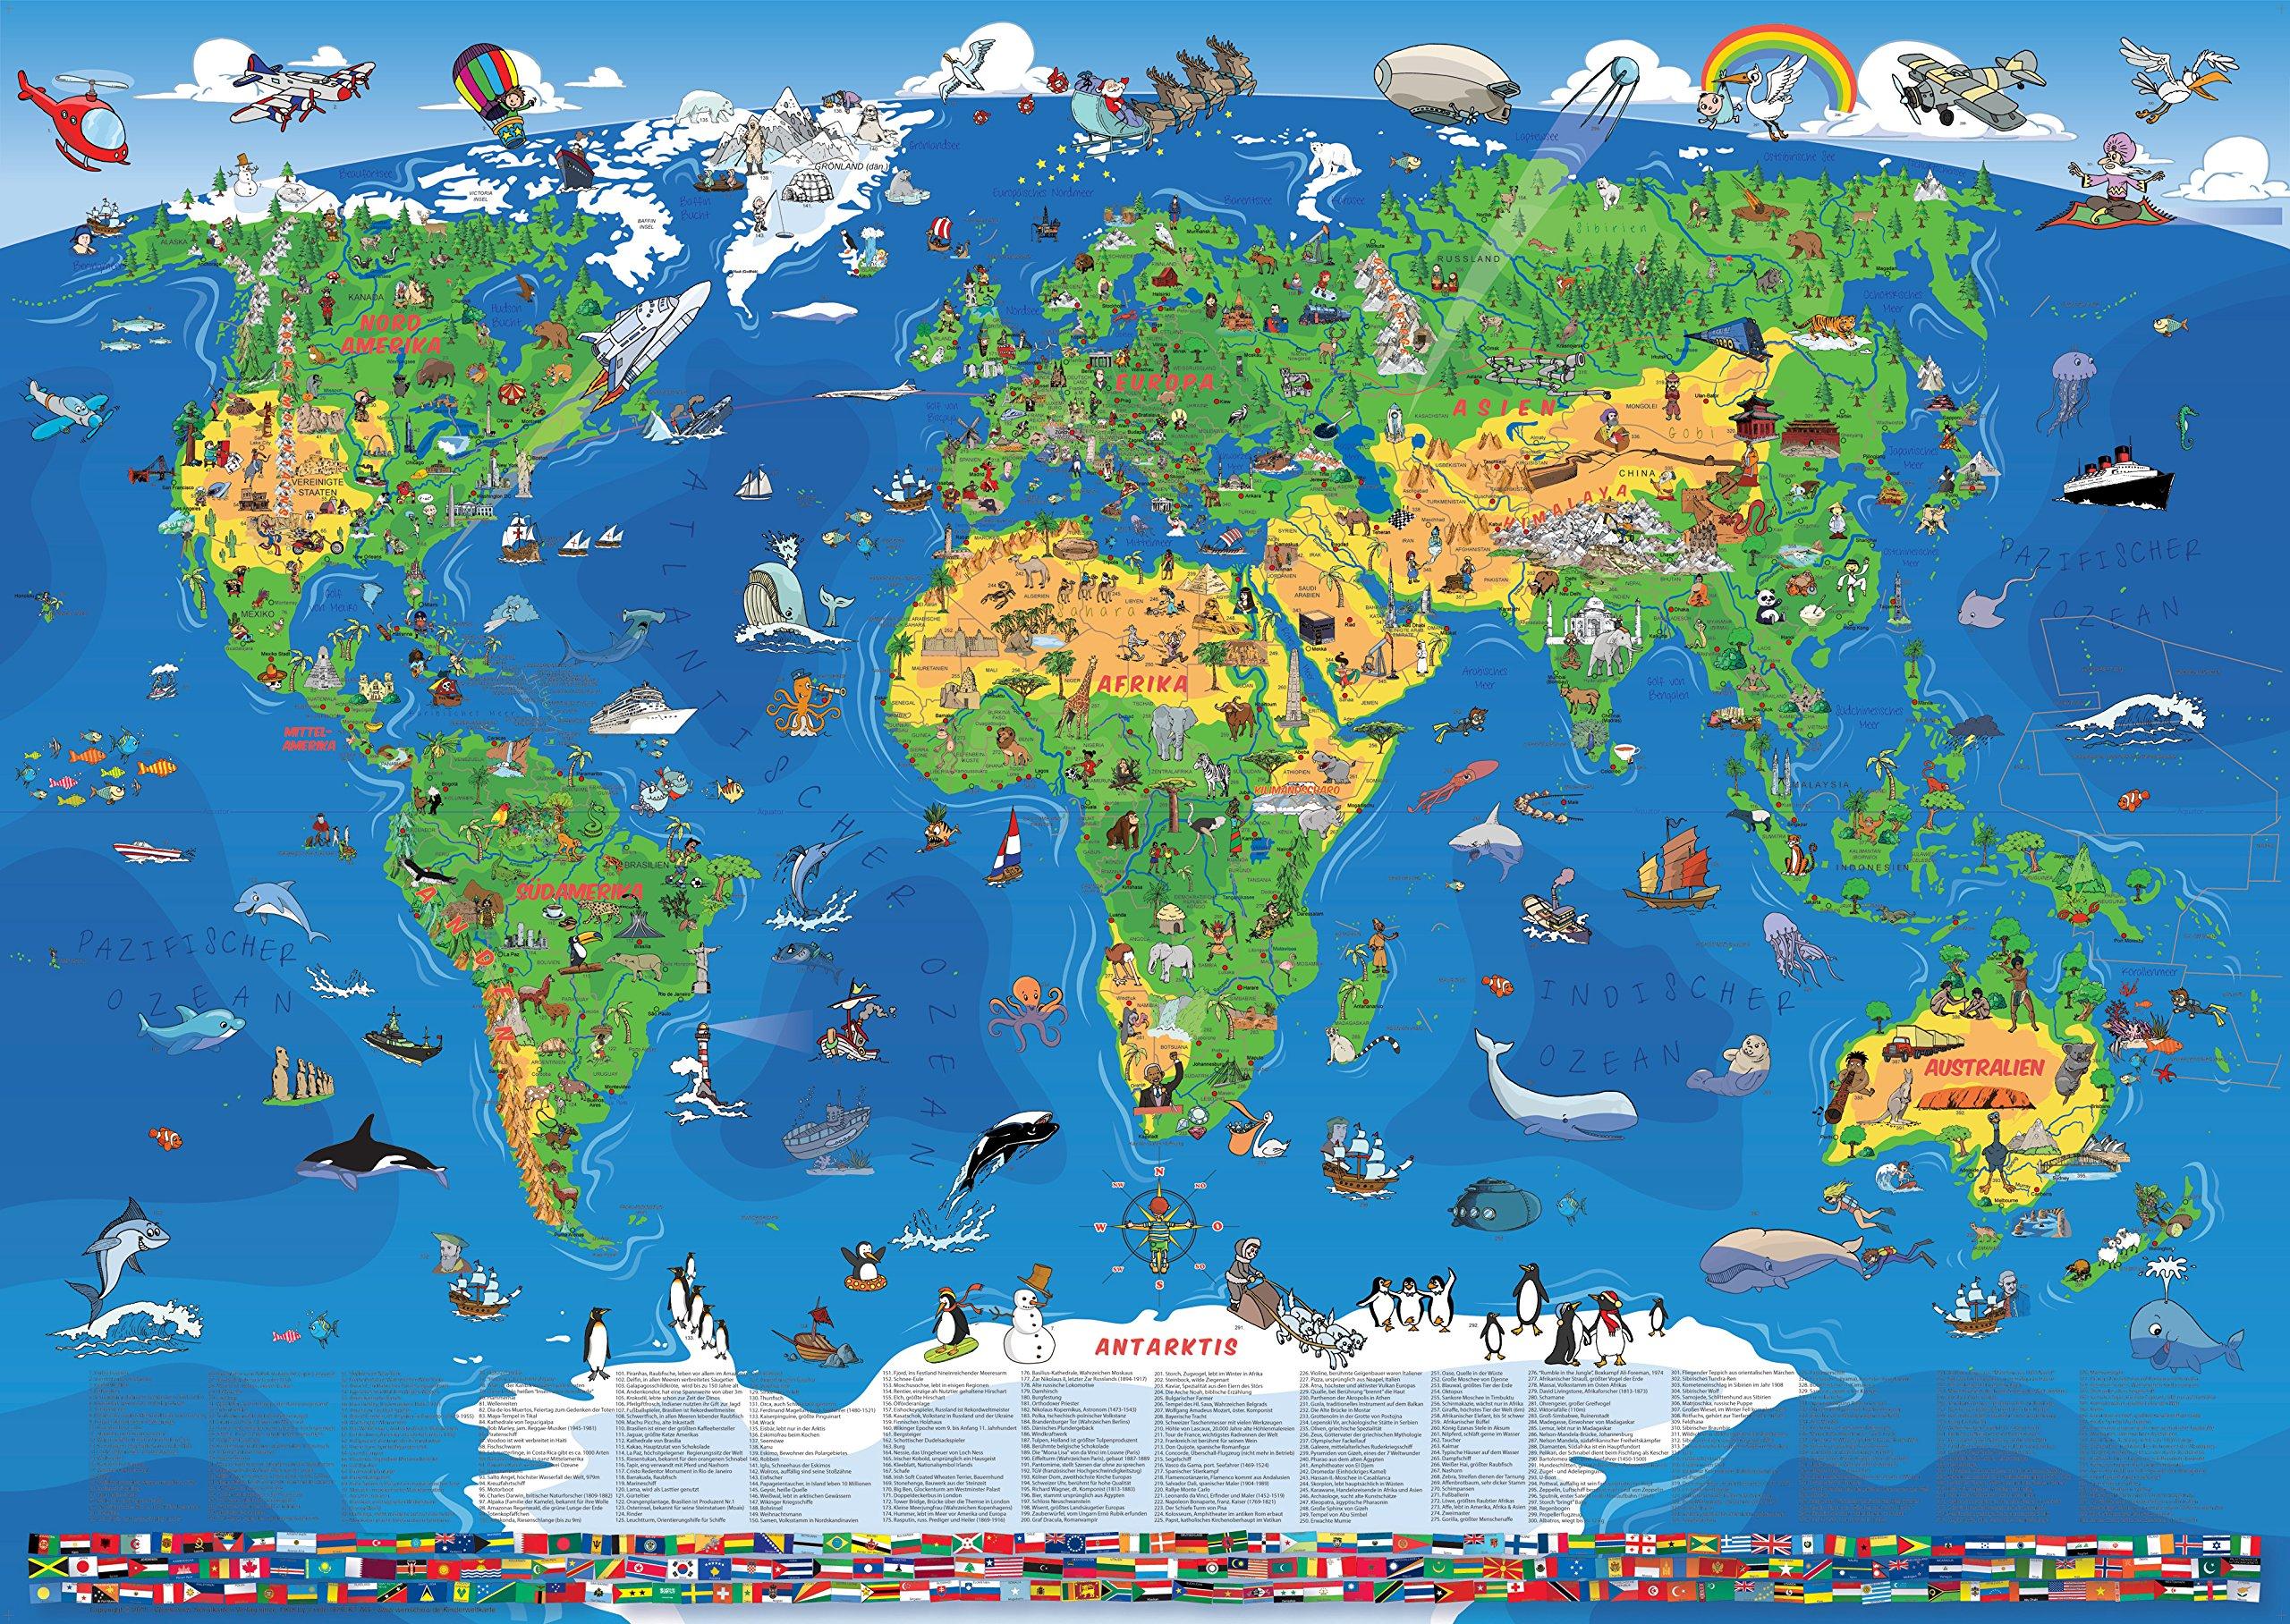 Mit Poster Leisten Xxl 1 35 Meter Panorama Kinder Weltkarte